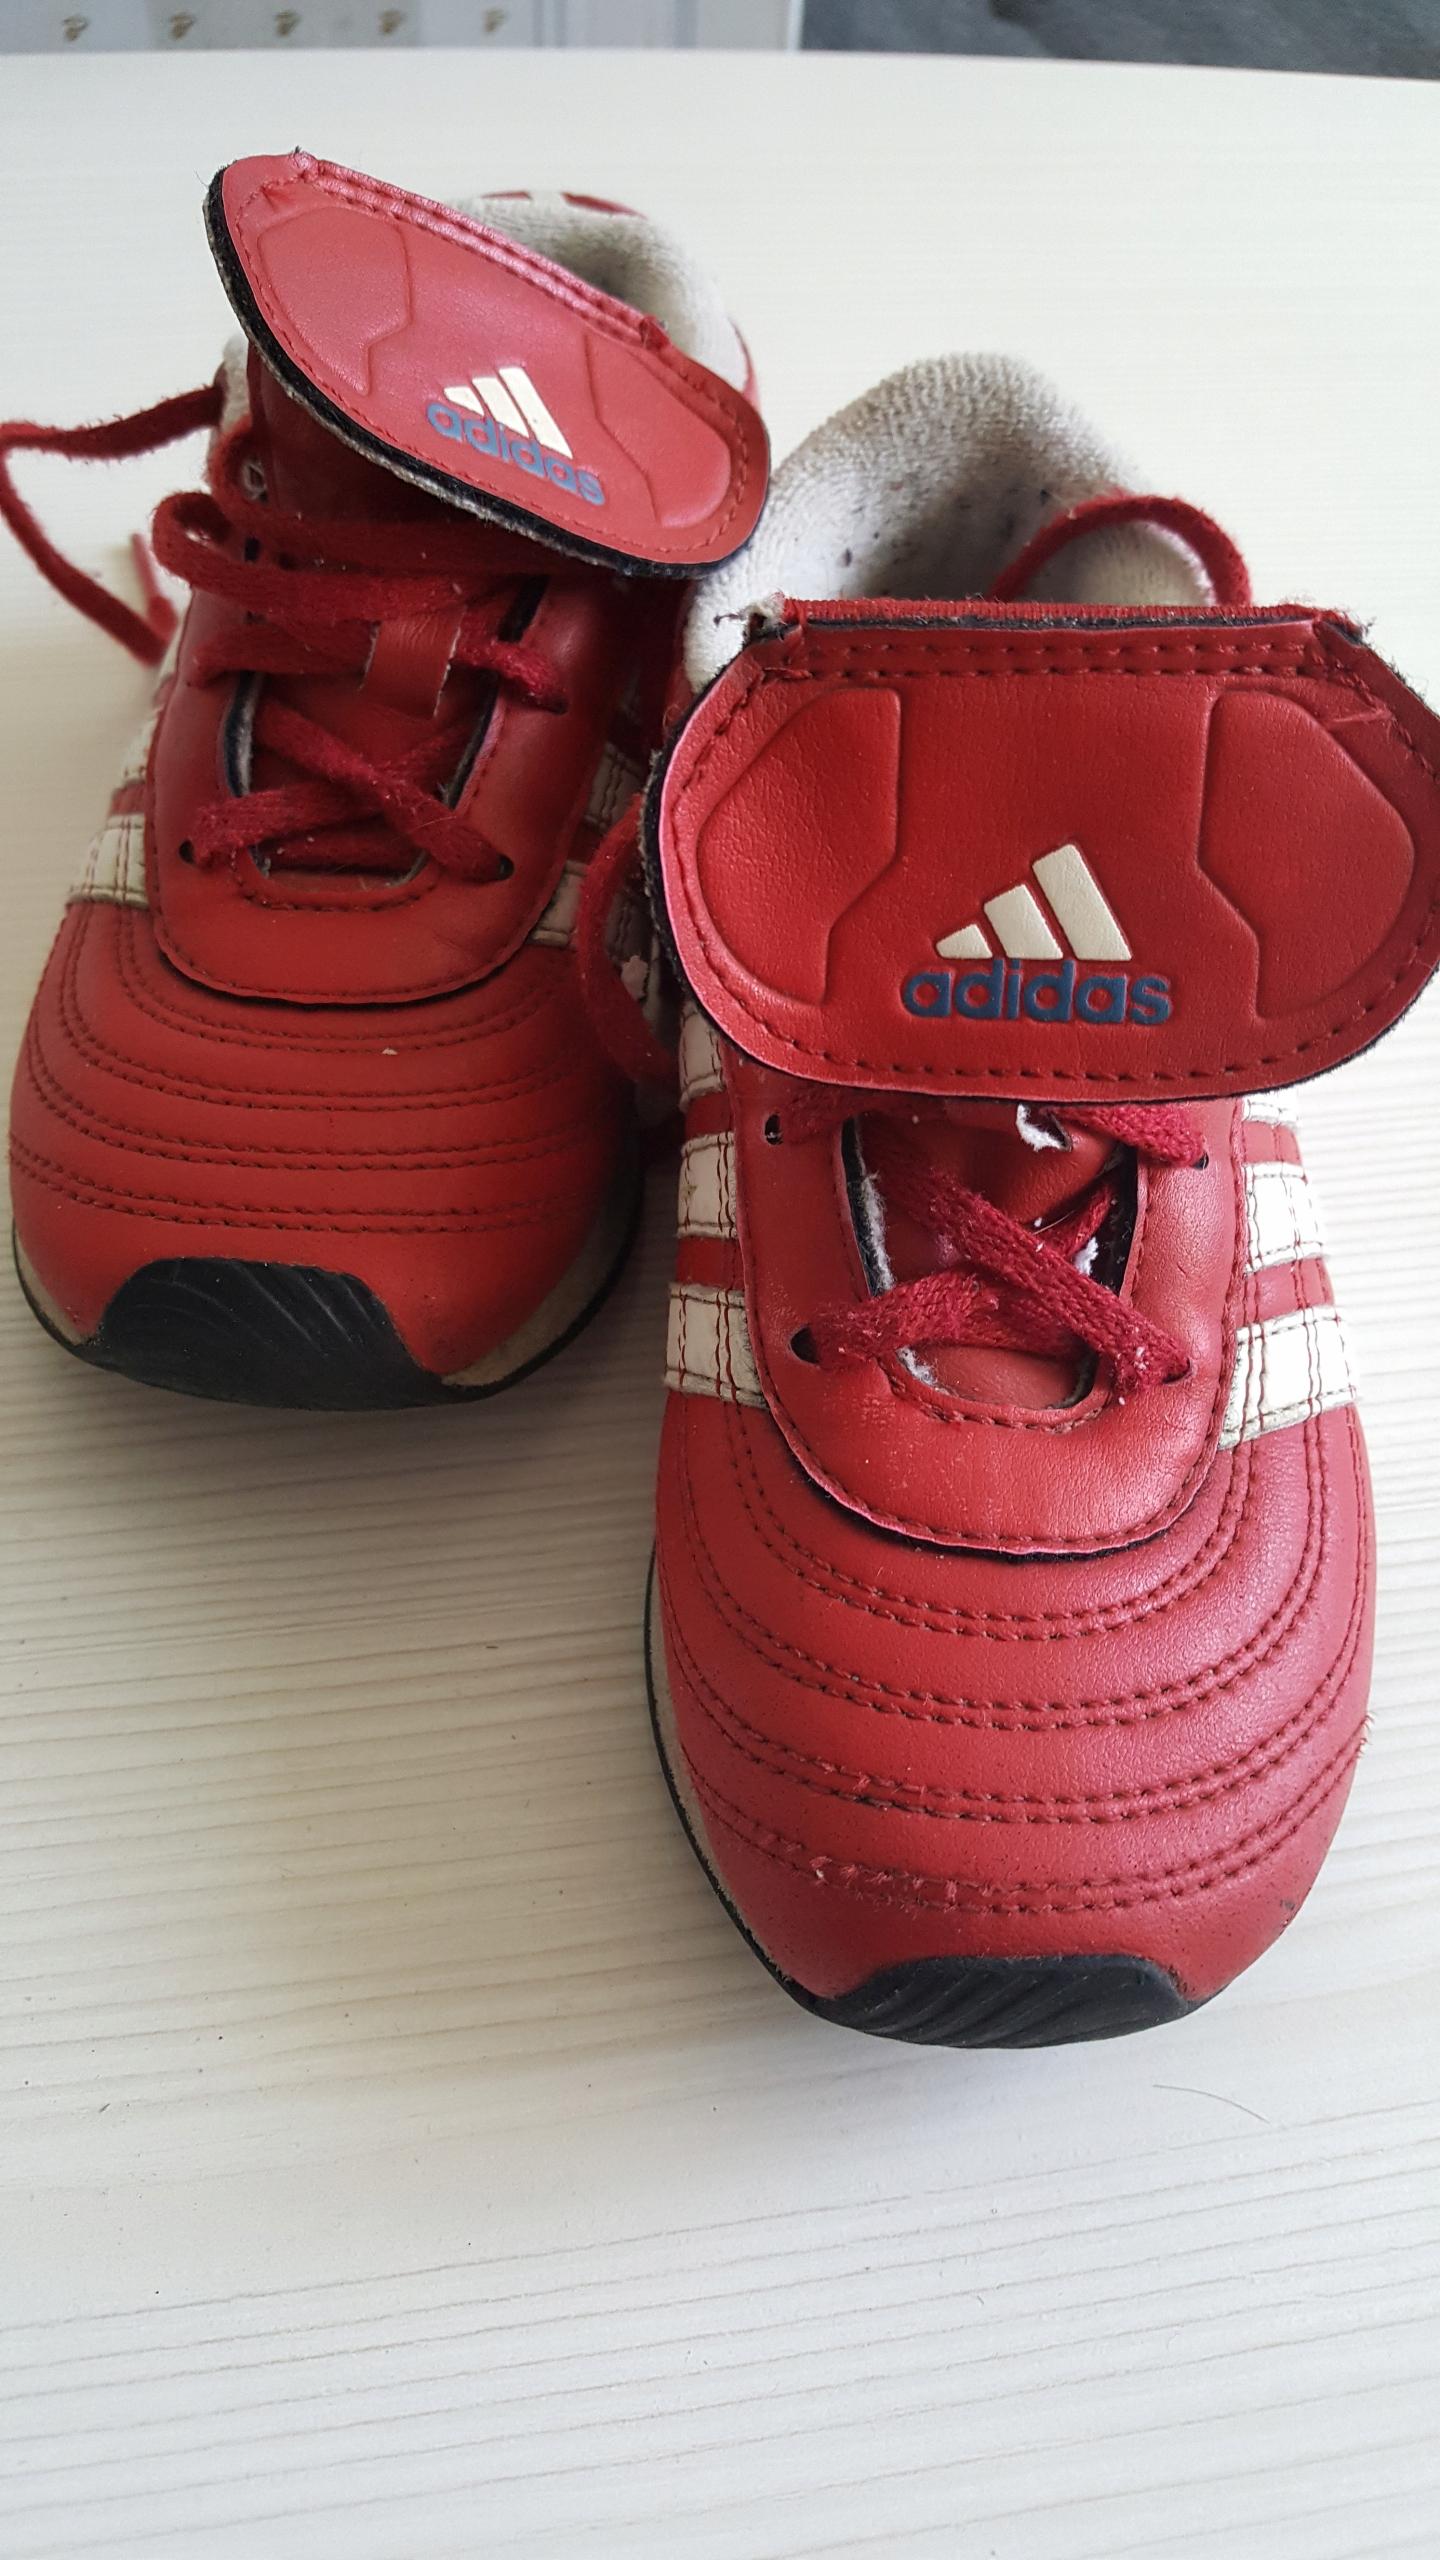 adidas skóra UK 9,5 27 czerwono-białe